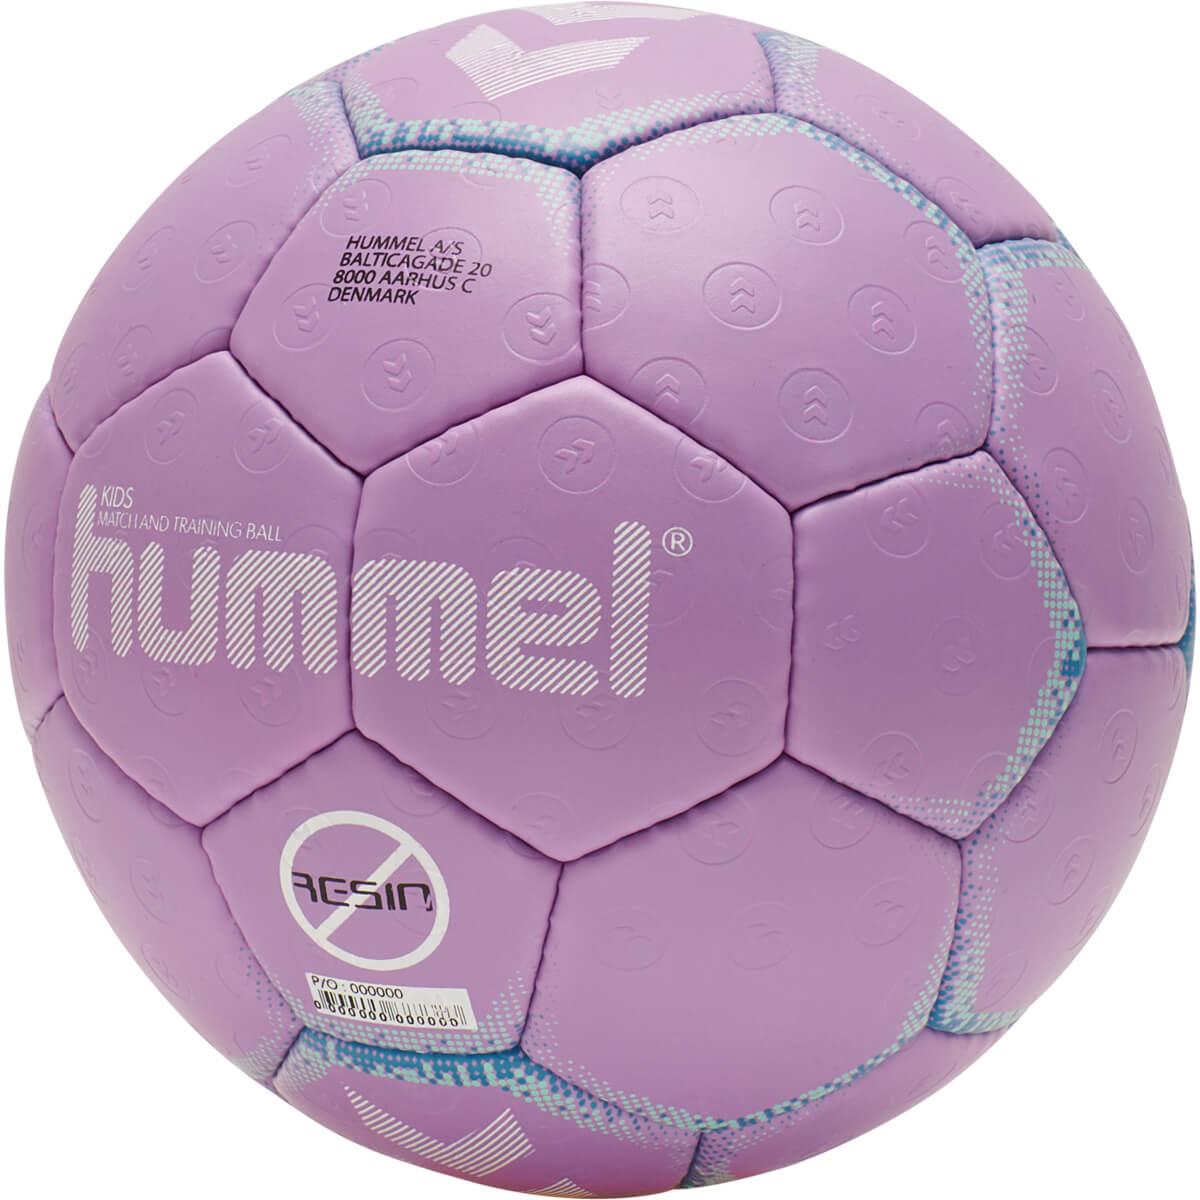 Hummel Håndball Barn Lilla